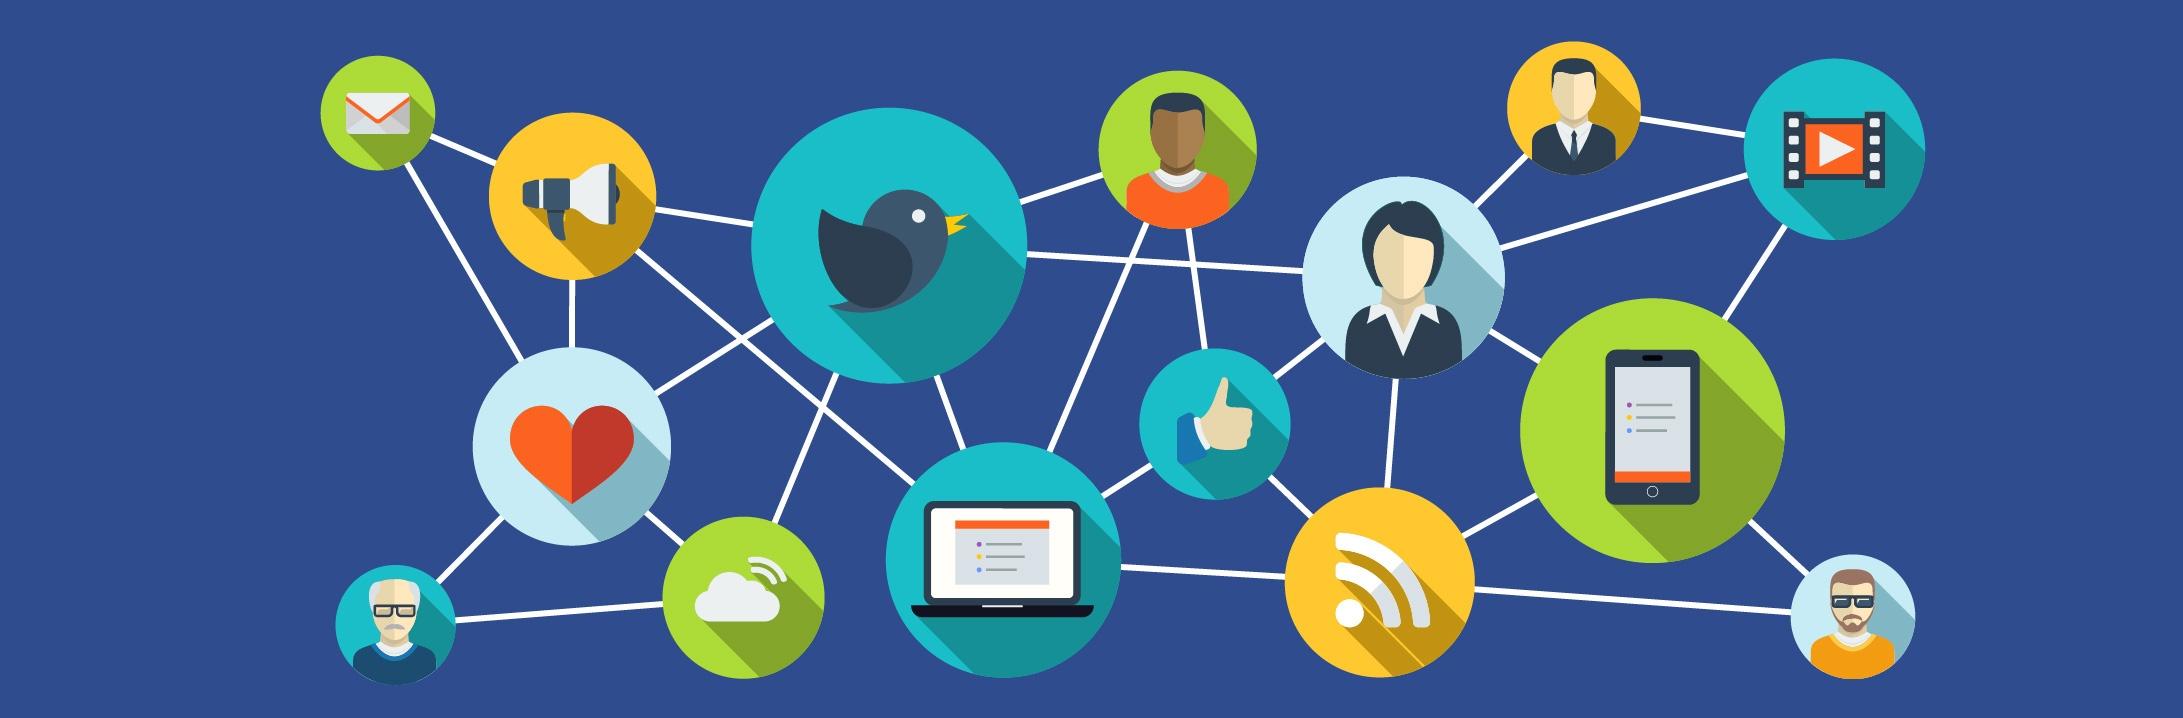 omnicanal-estrategia-digital-marketing.jpg